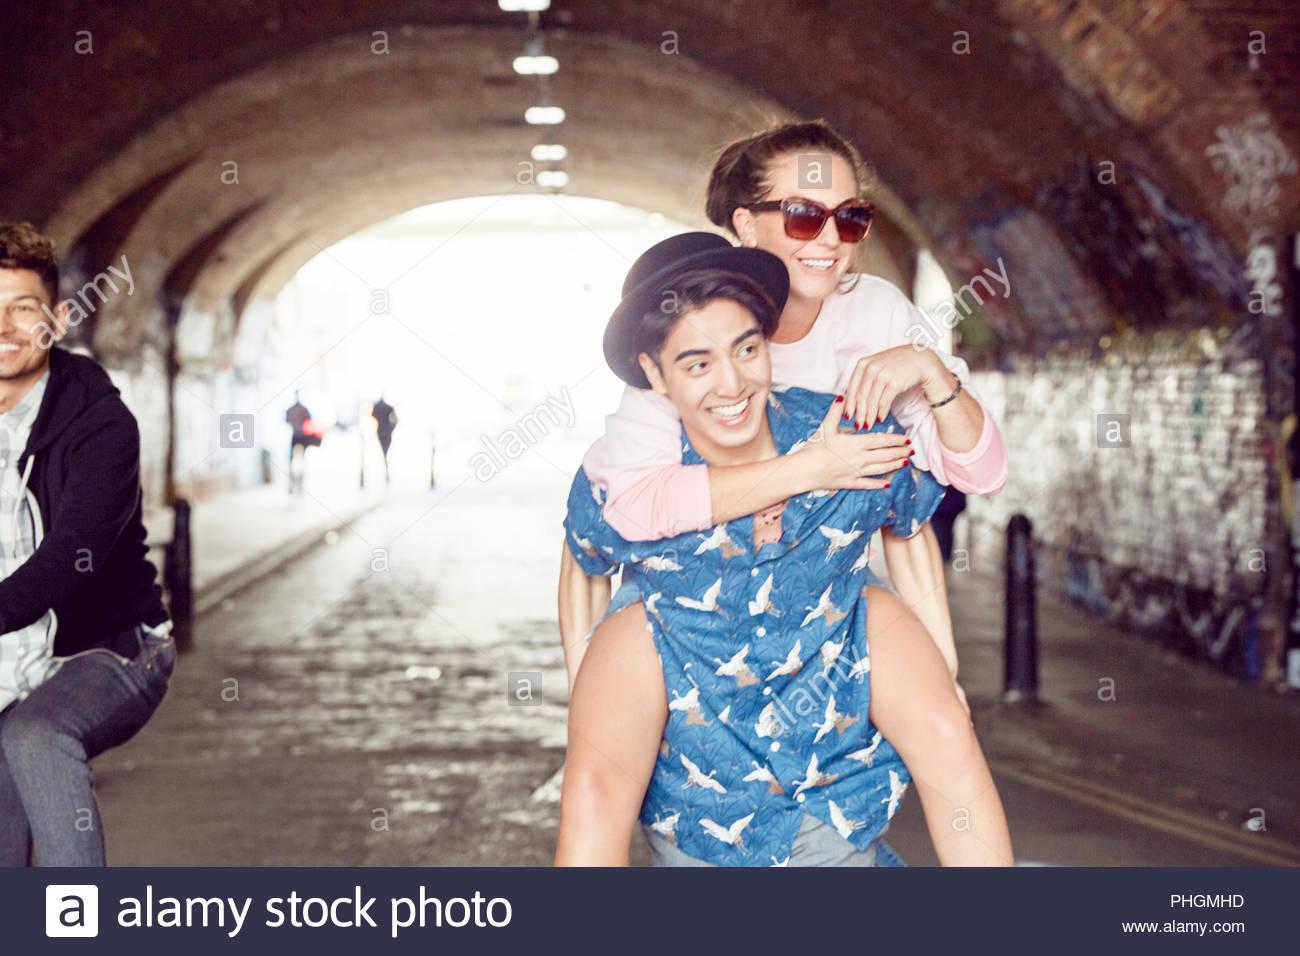 Adolescente dando novia piggyback ride en el túnel Imagen De Stock